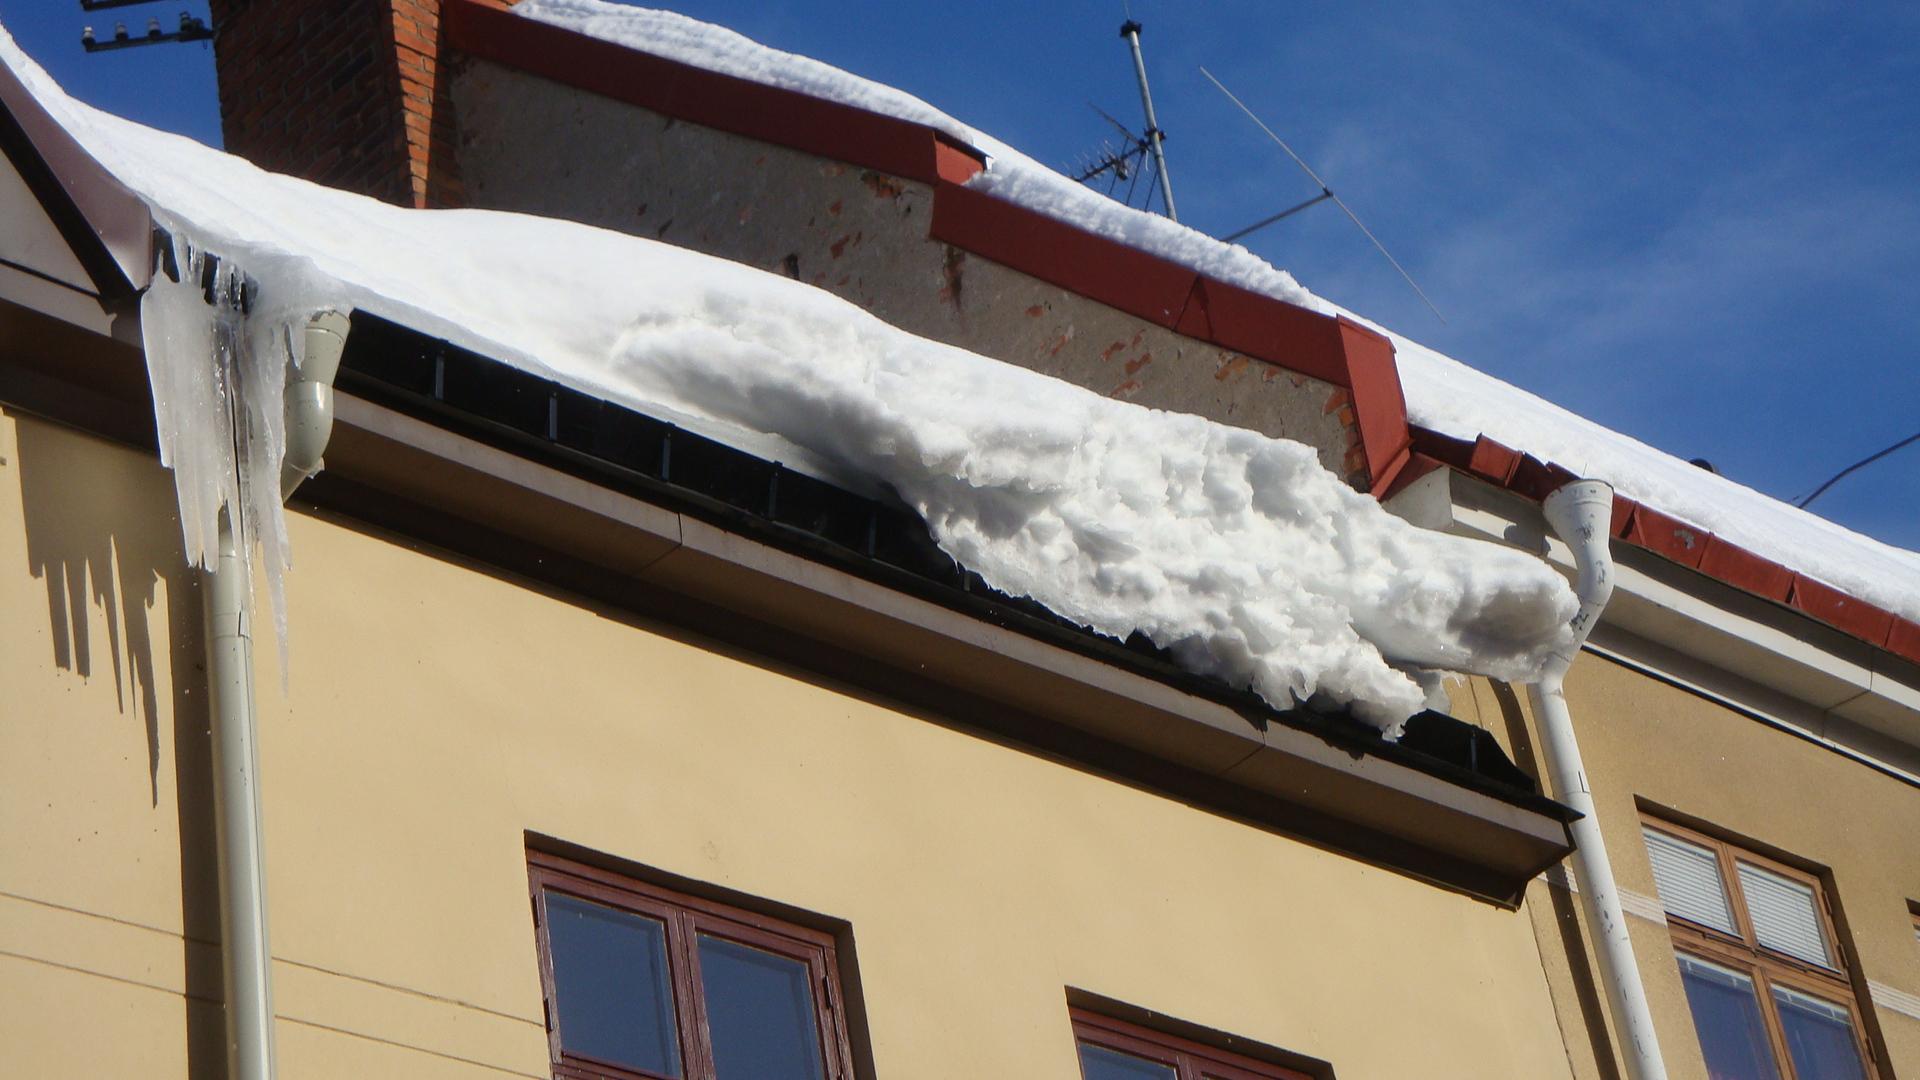 snöras från tak försäkring